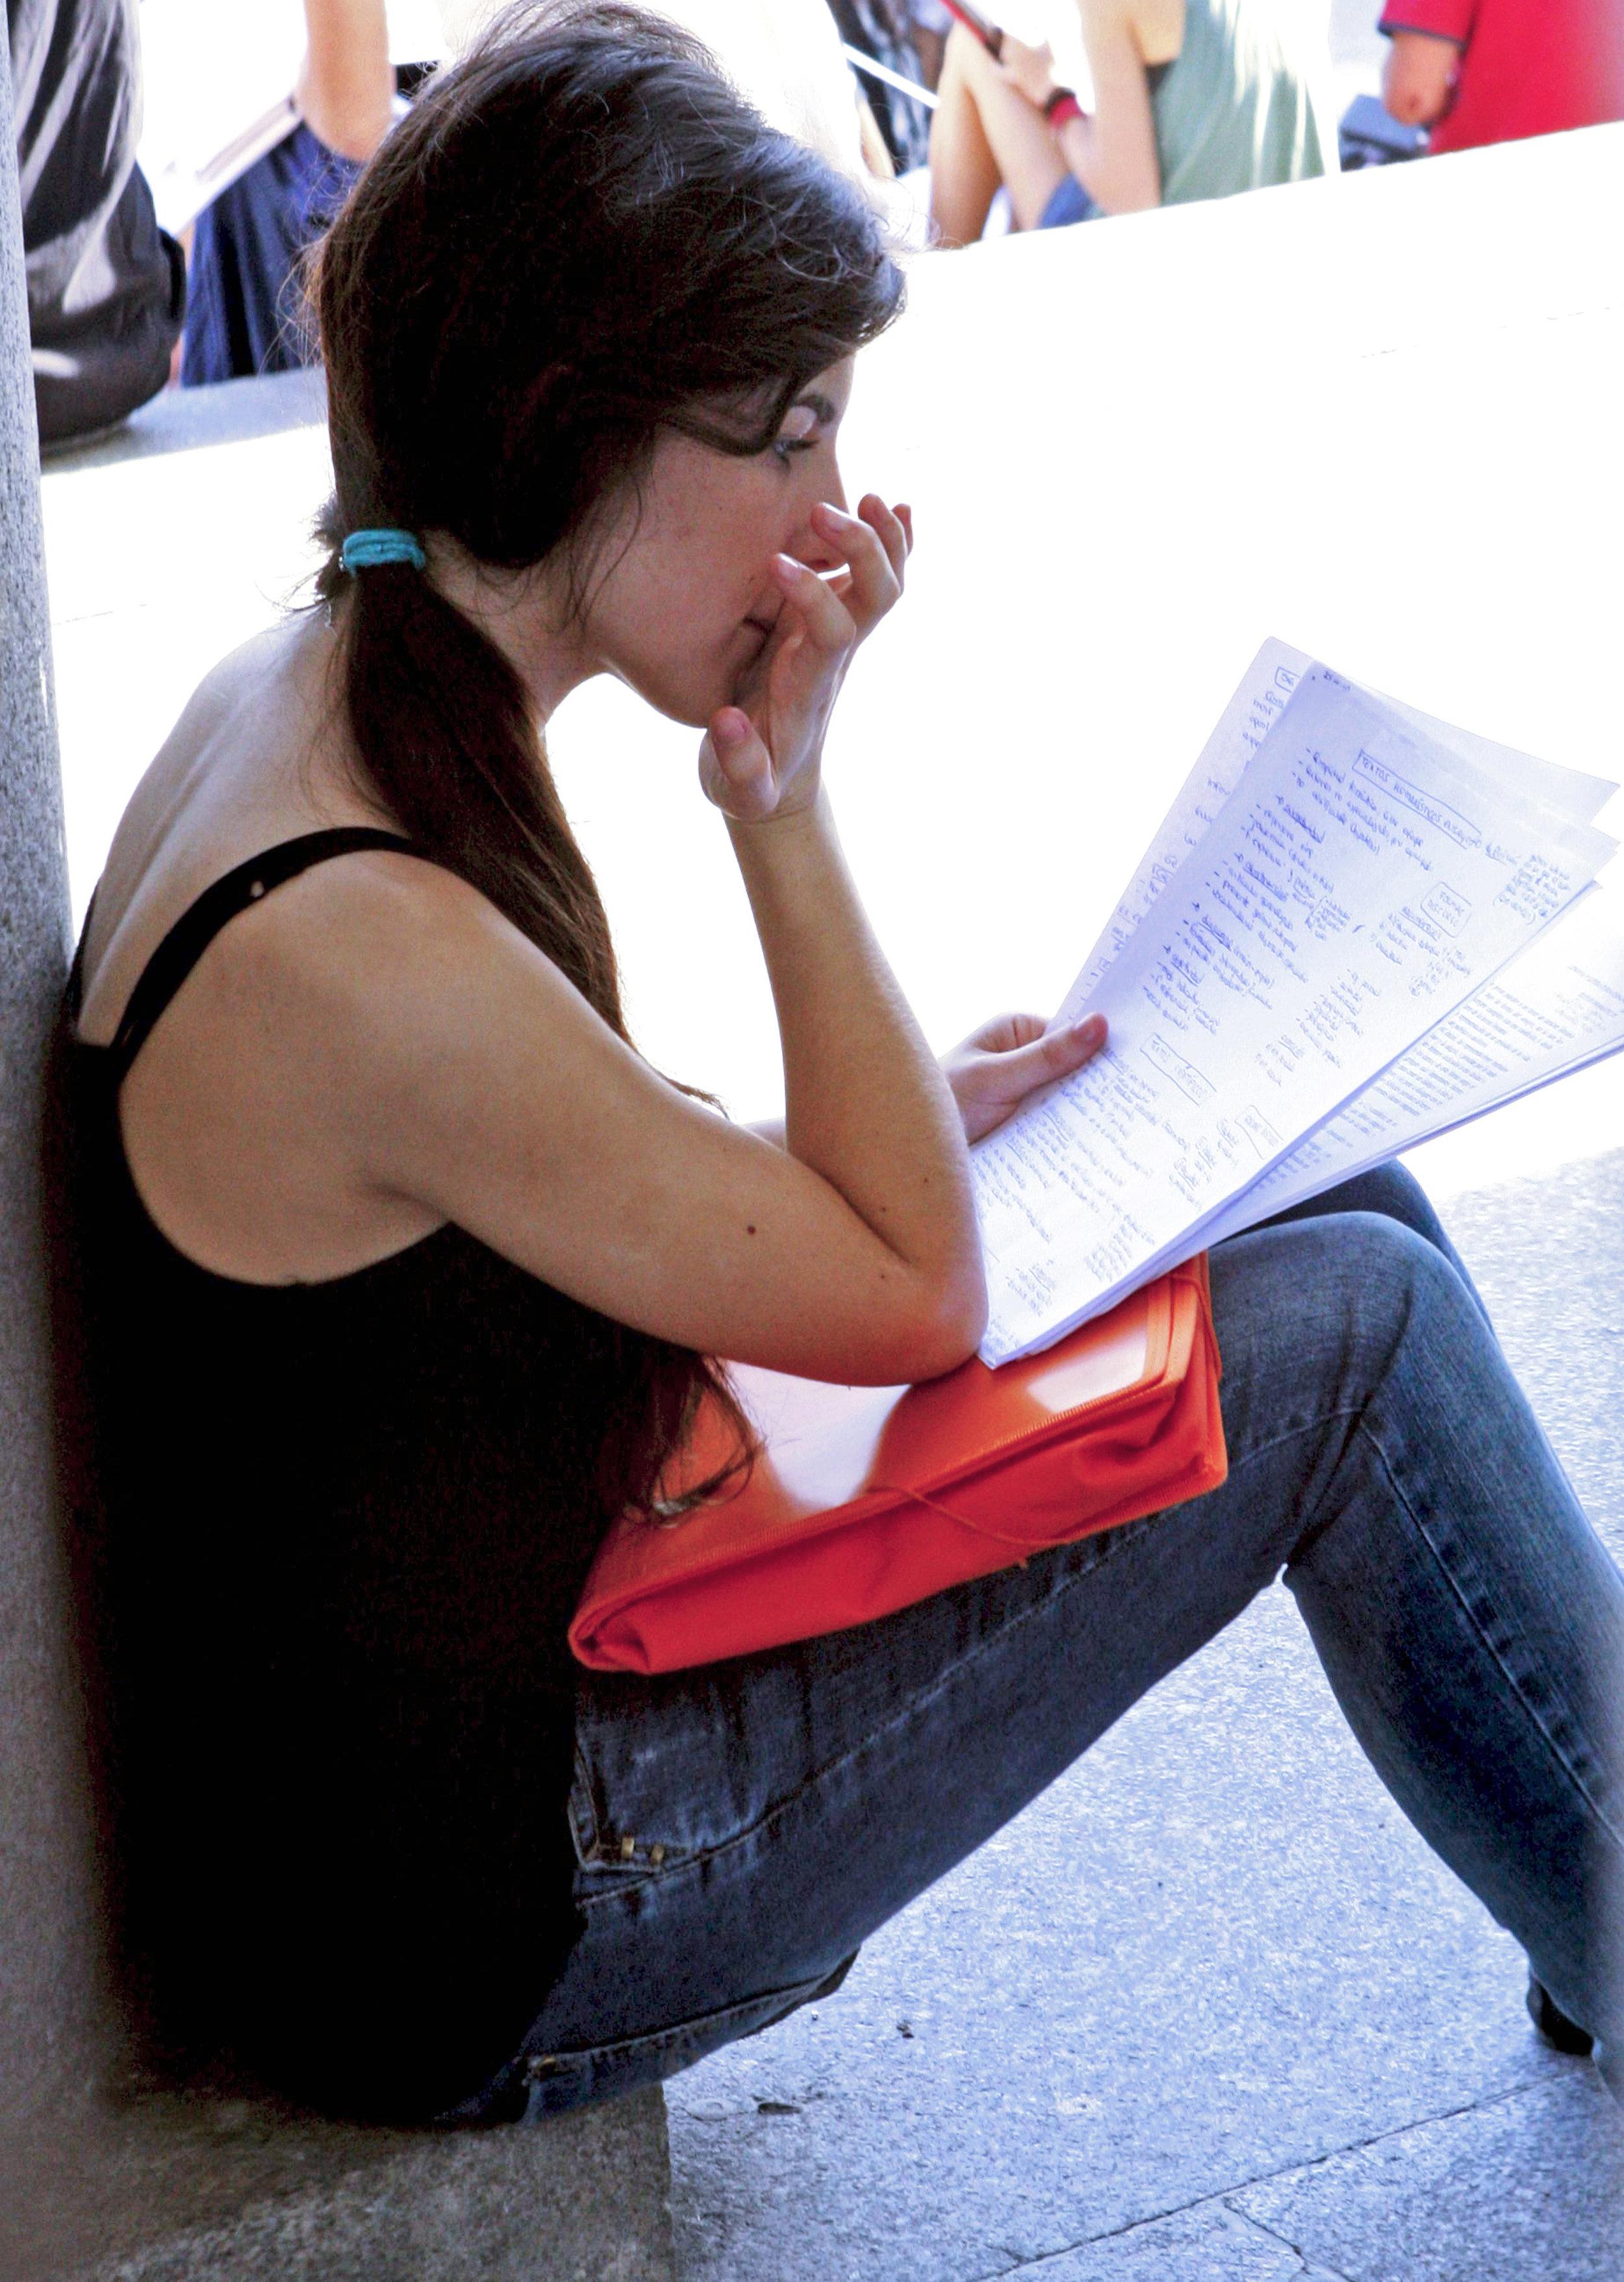 Durante la menstruación, el tejido endometrial se evacúa normalmente por vía vaginal. Sin embargo, una parte puede fluir en sentido contrario, invadir las trompas uterinas y penetrar en la cavidad abdominal. Foto: Sergio Barrenechea